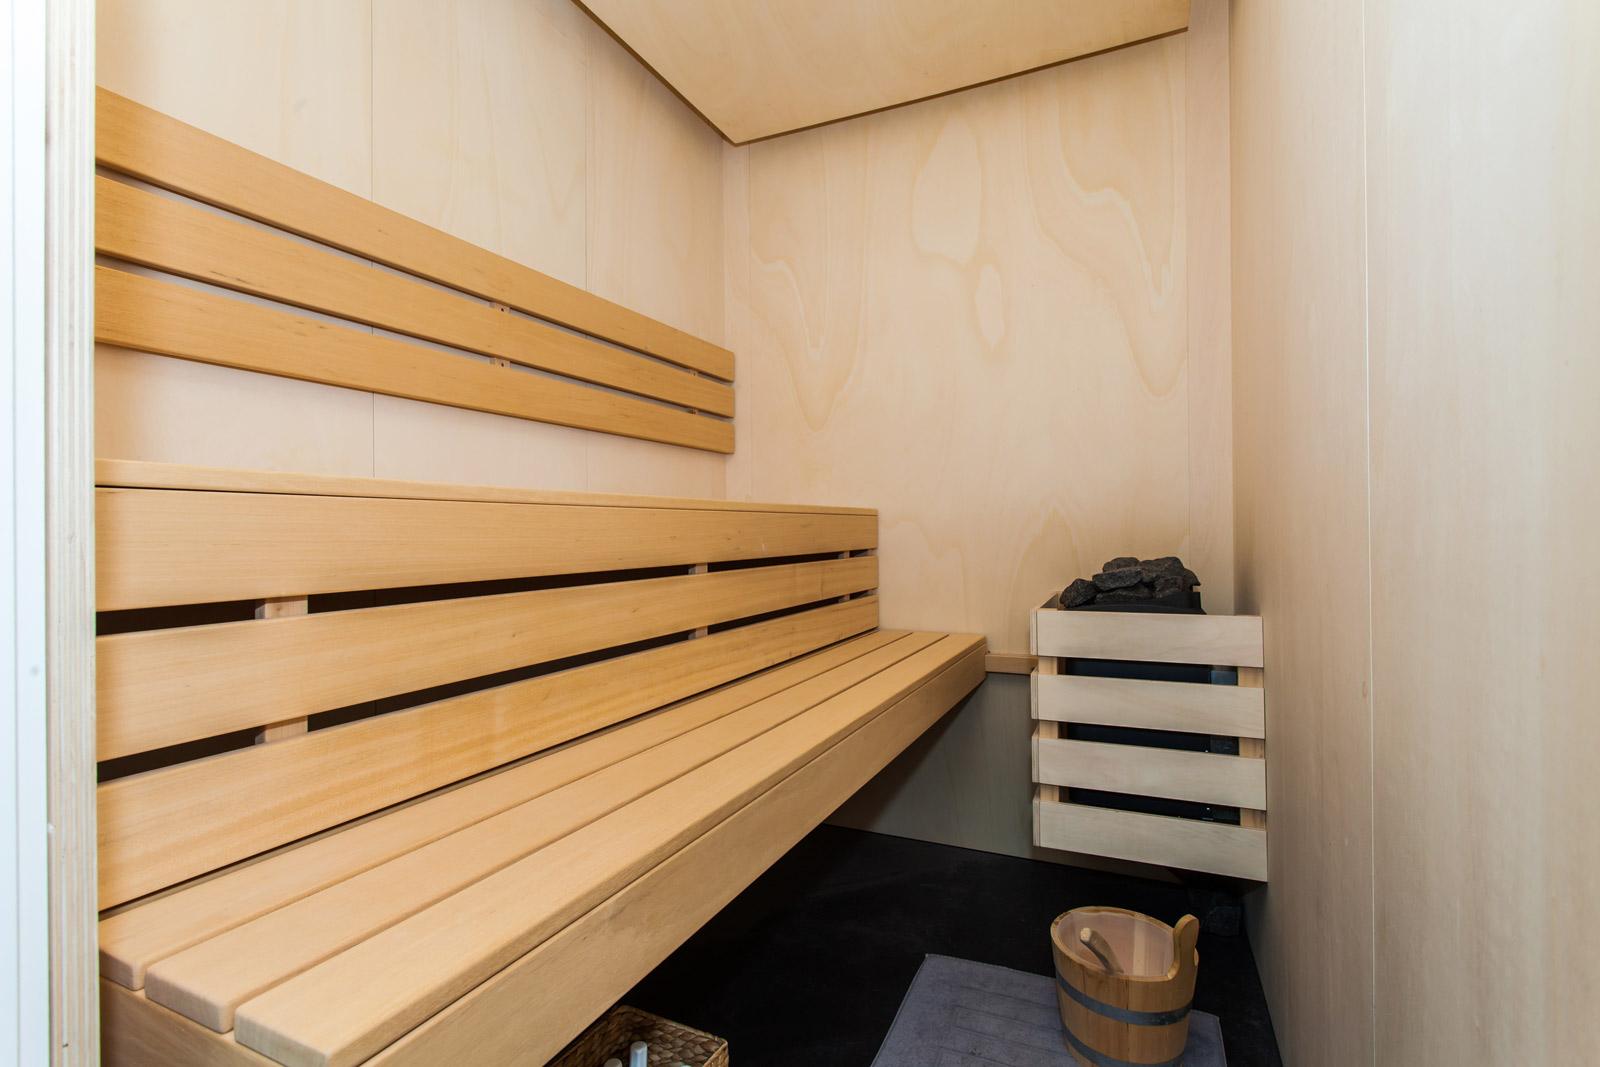 Schreinerei Weber saunabau fulda schreinerei weber schreinerei weber